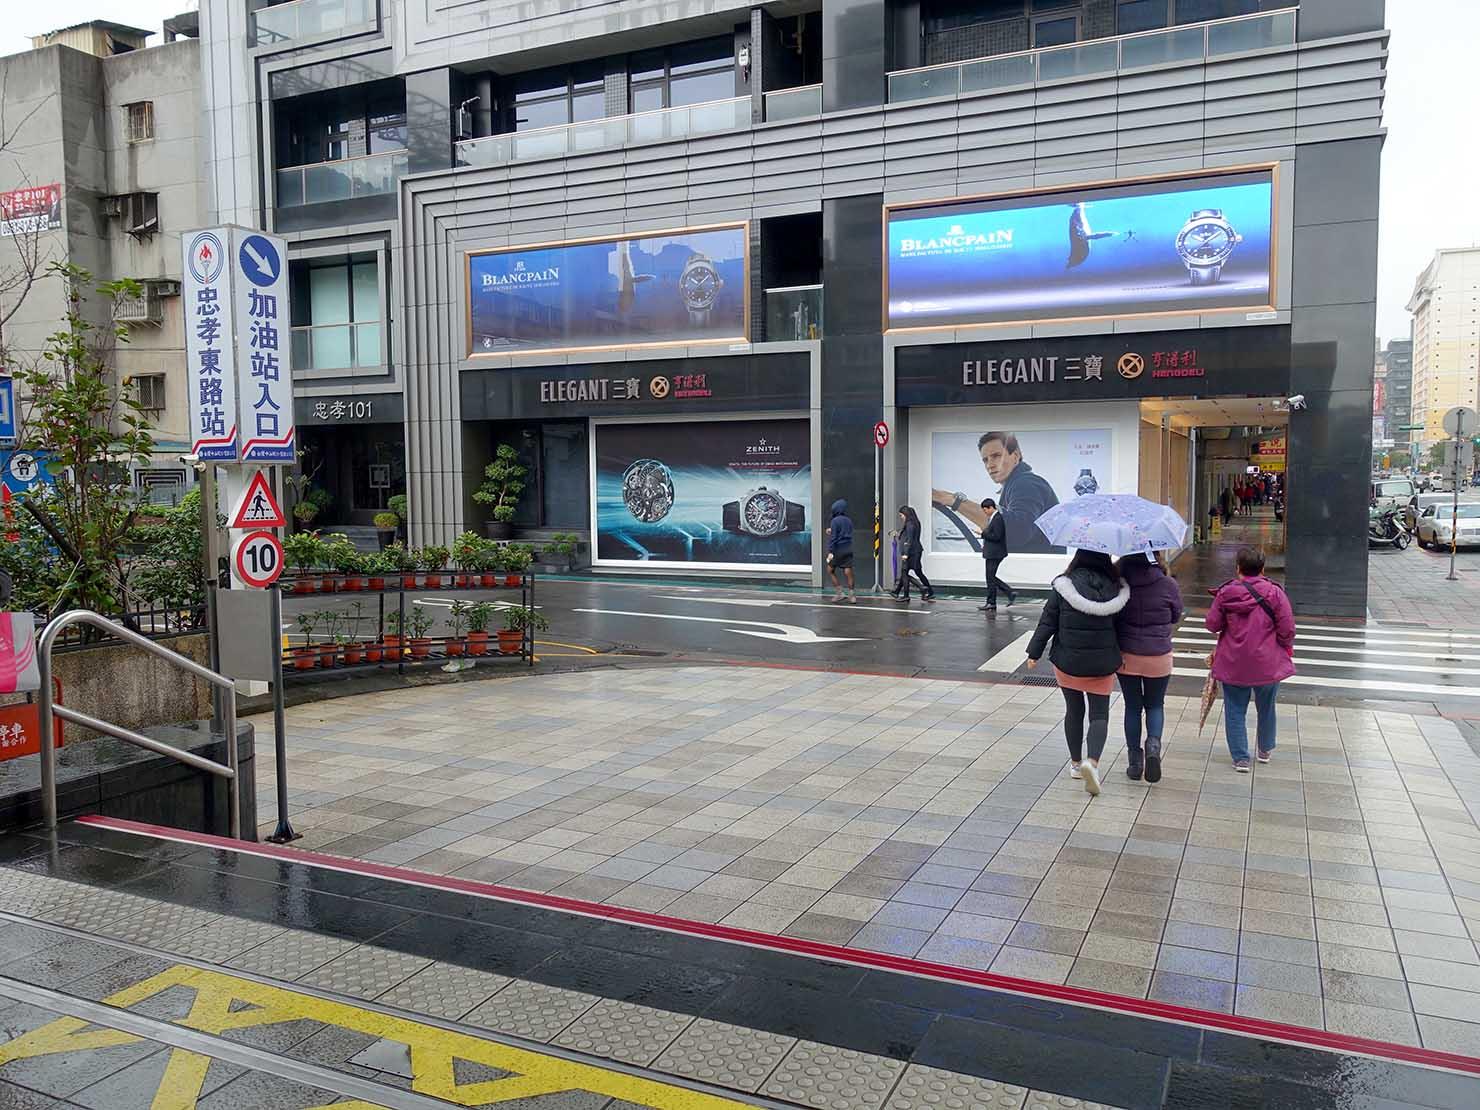 台北MRT(地下鉄)市政府駅4番出口前